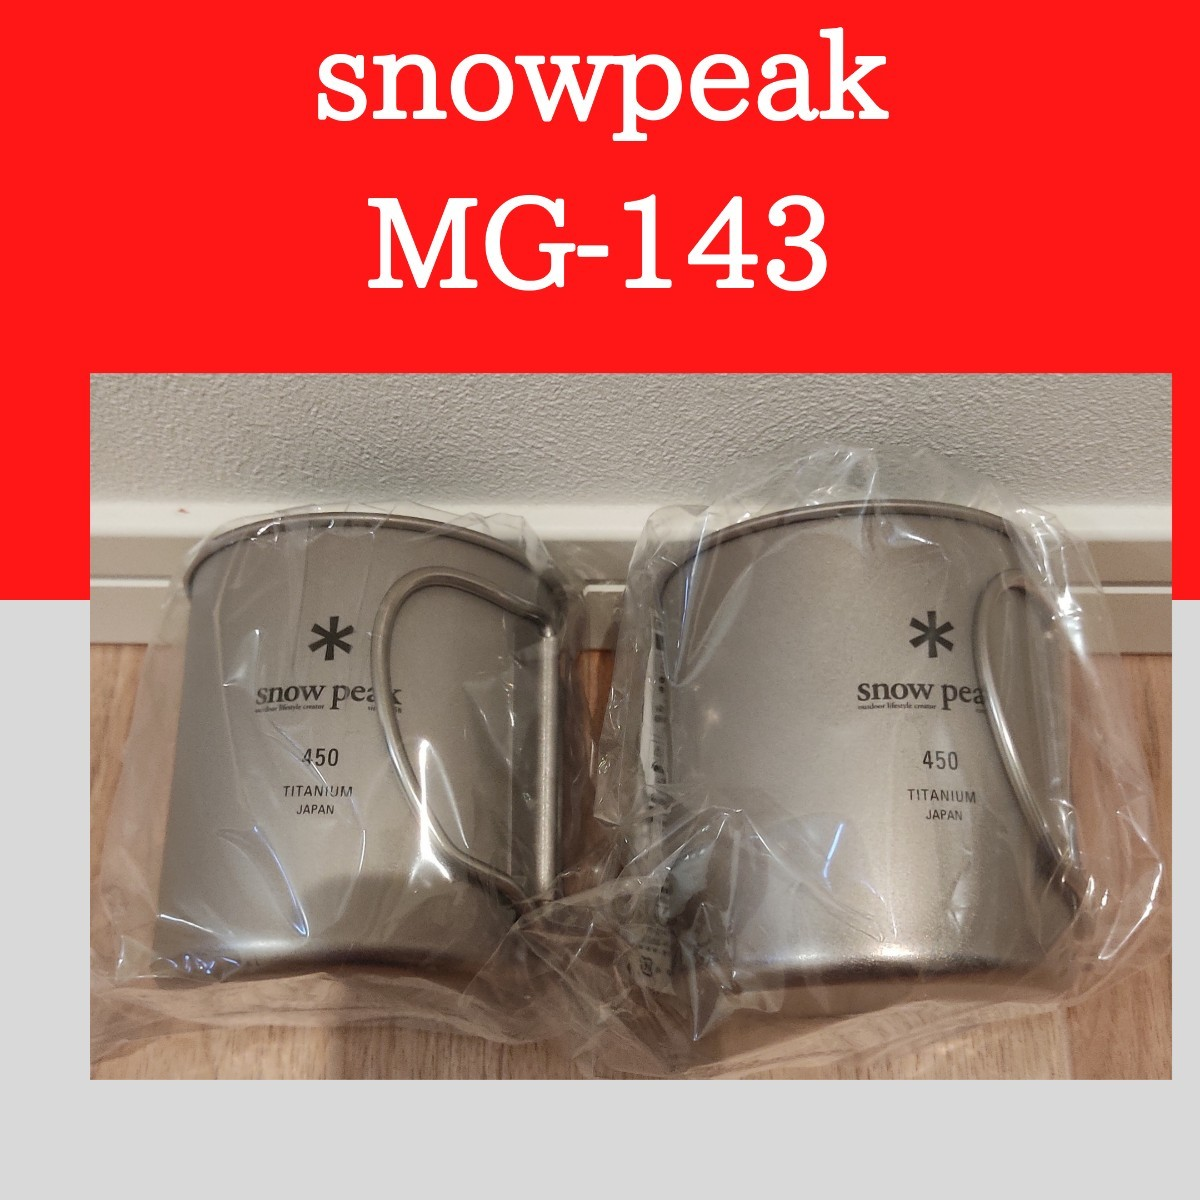 スノーピーク チタンシングルマグ MG-143  snow peak2個